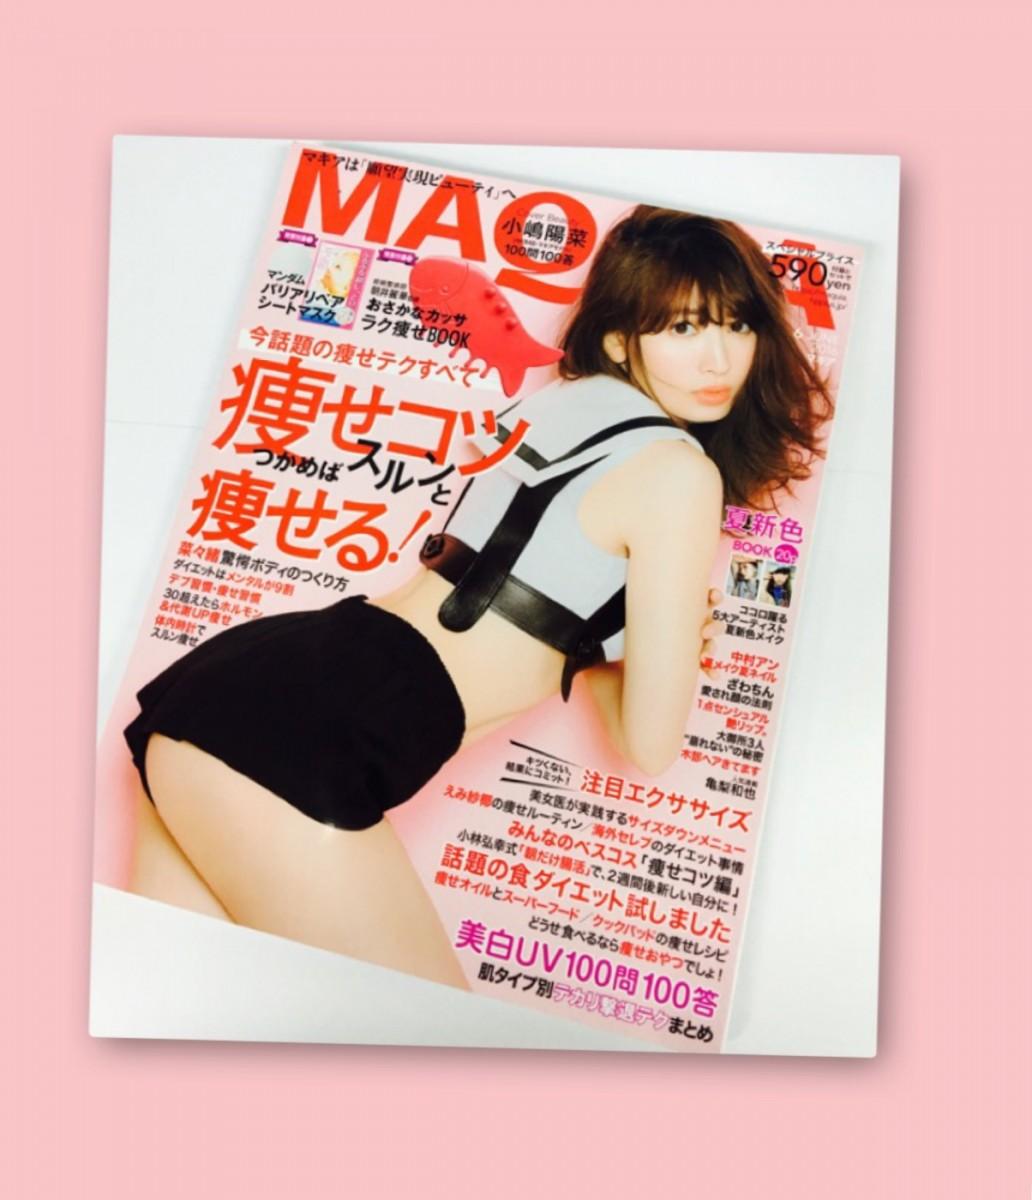 【本日発売】なりたいBODY No1こじはるちゃんの美BODYを目指して!MAQUIA6月号 pinkmimiの見どころ紹介。